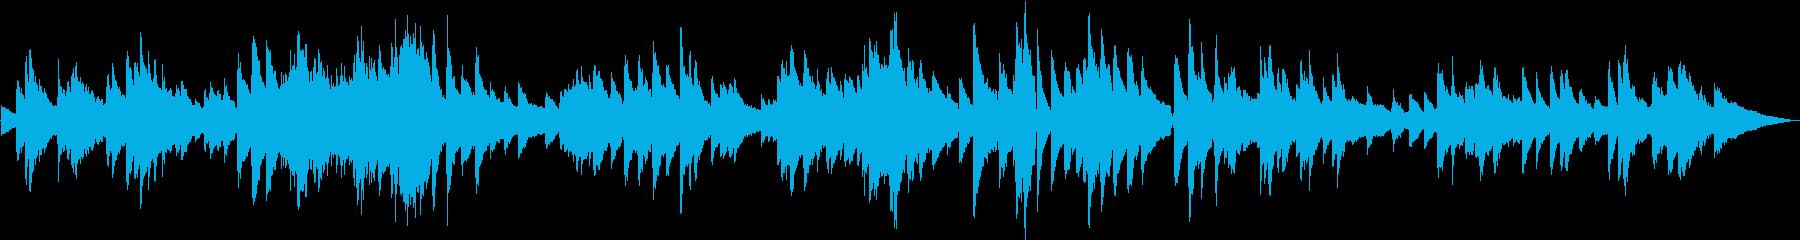 生演奏 ゆったりしたピアノBGMの再生済みの波形